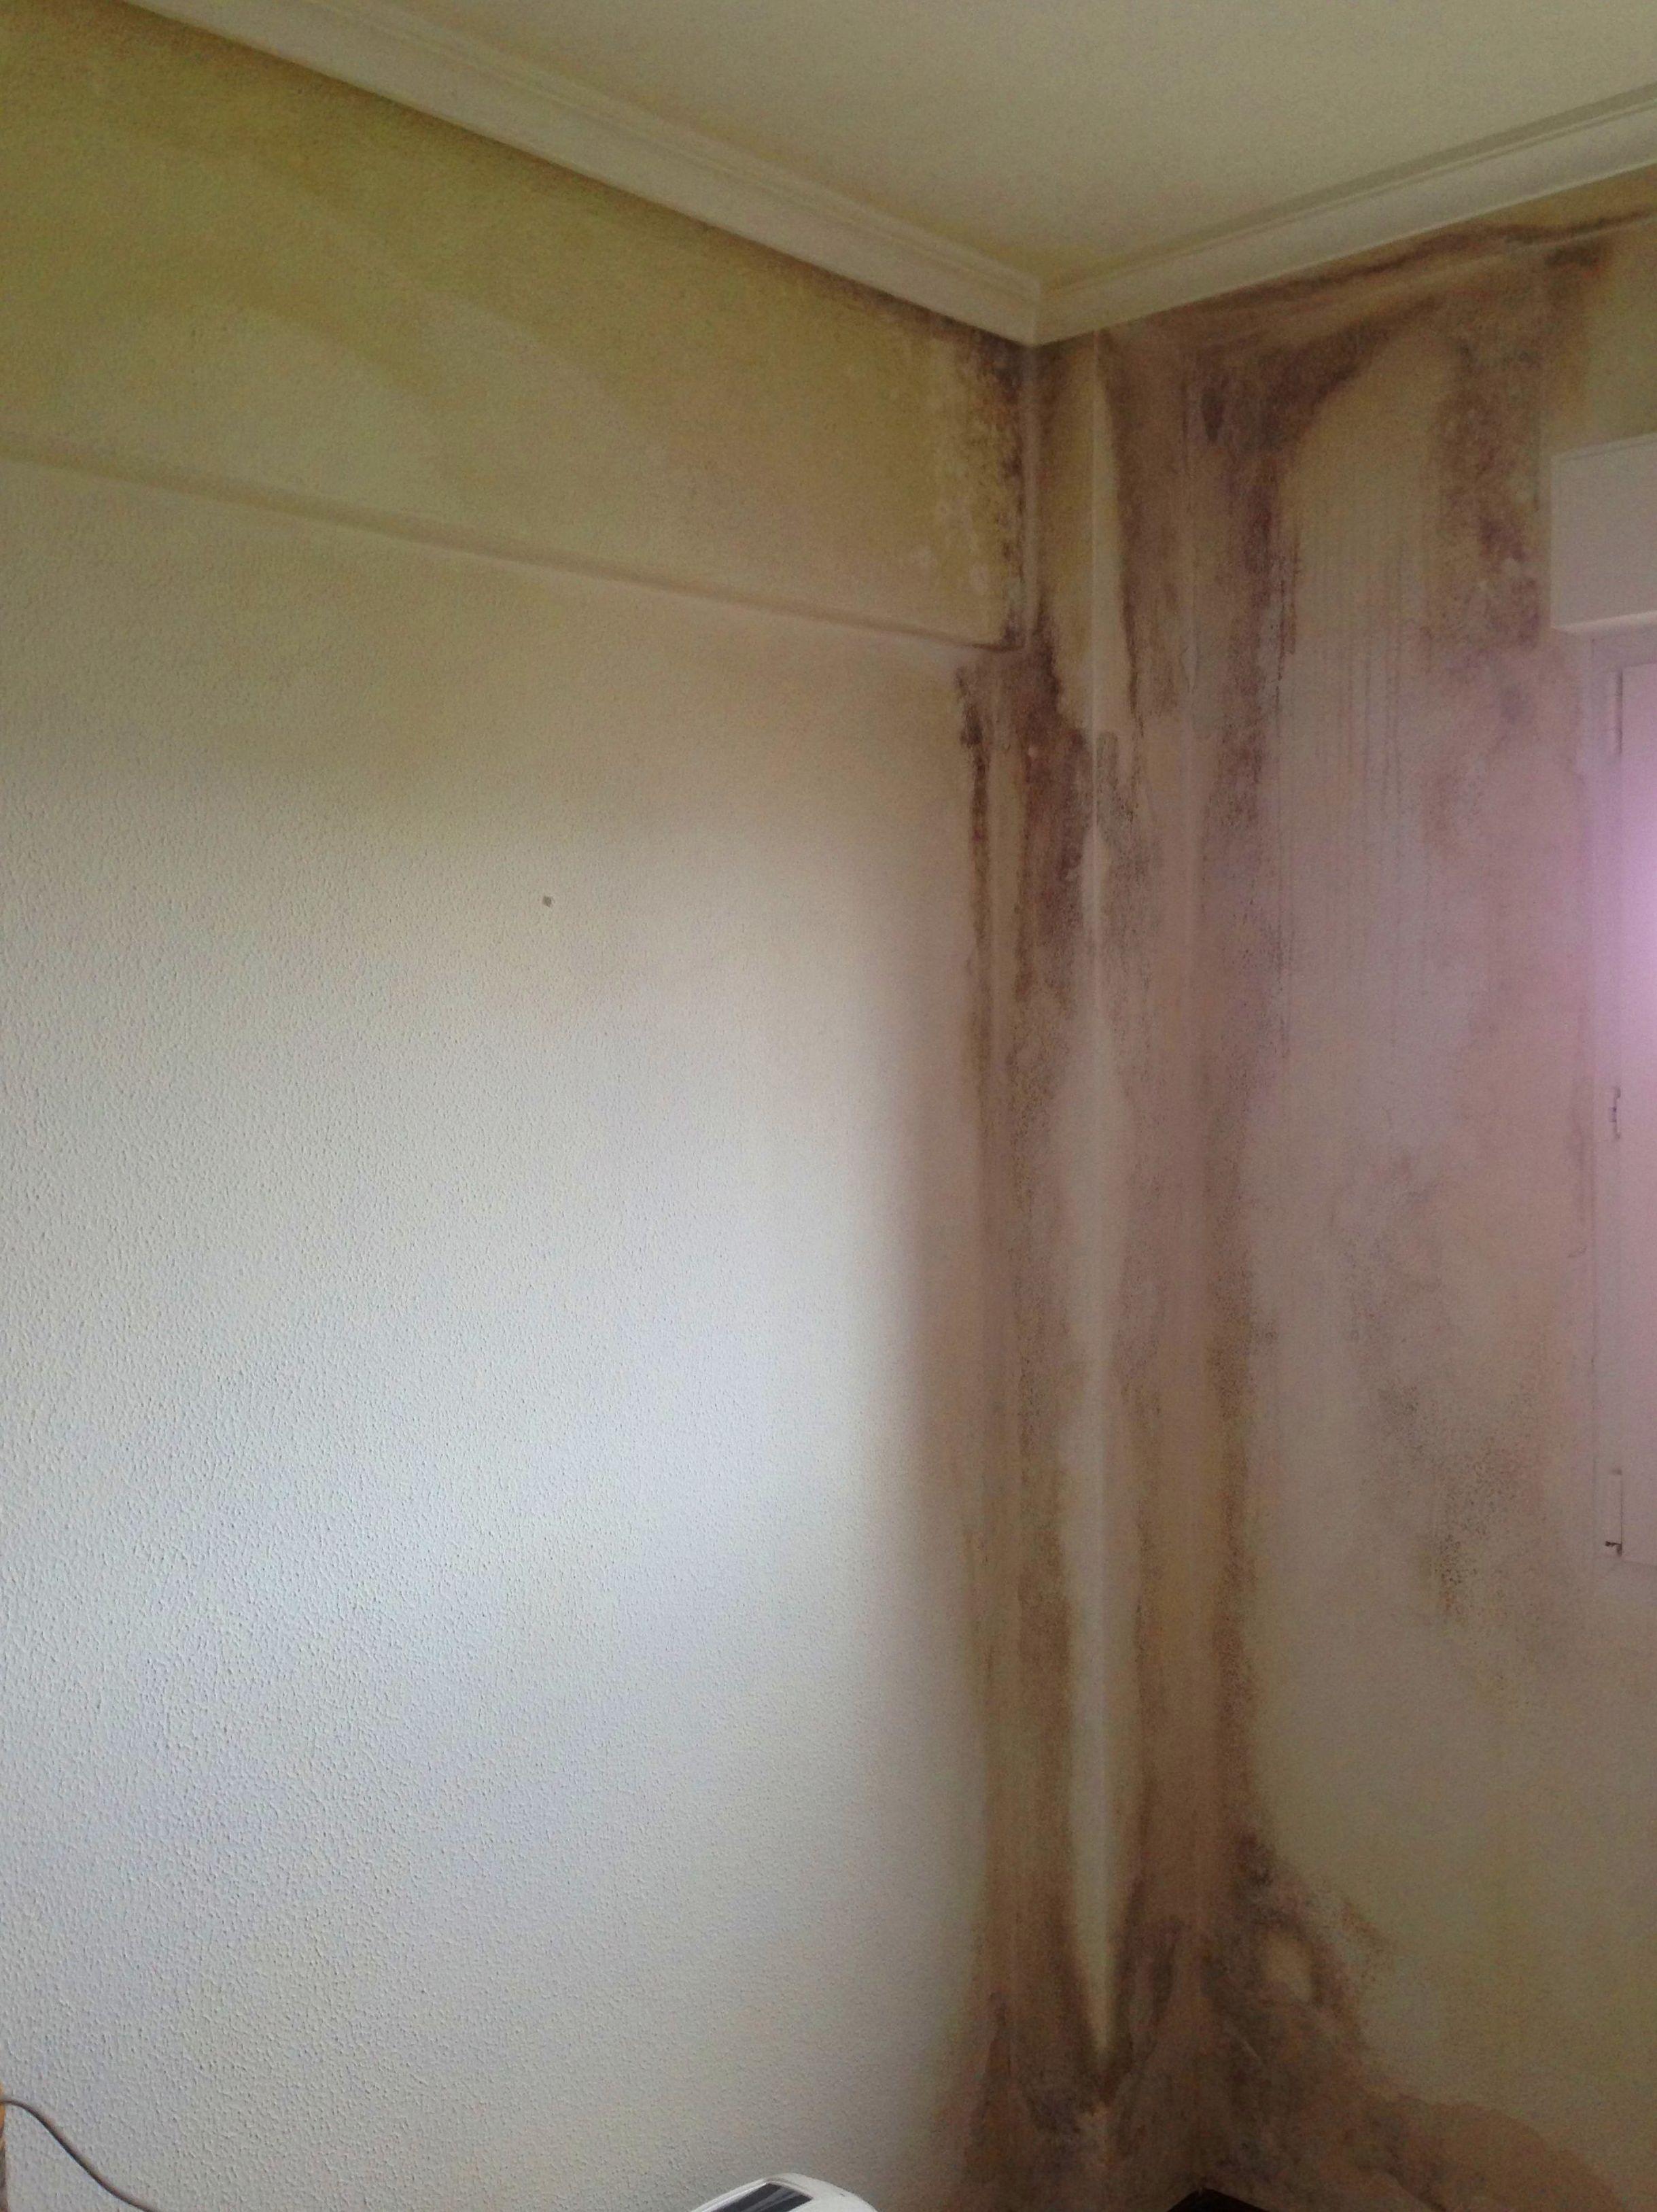 Solución de problemas de humedad y codesación en viviendas Santander